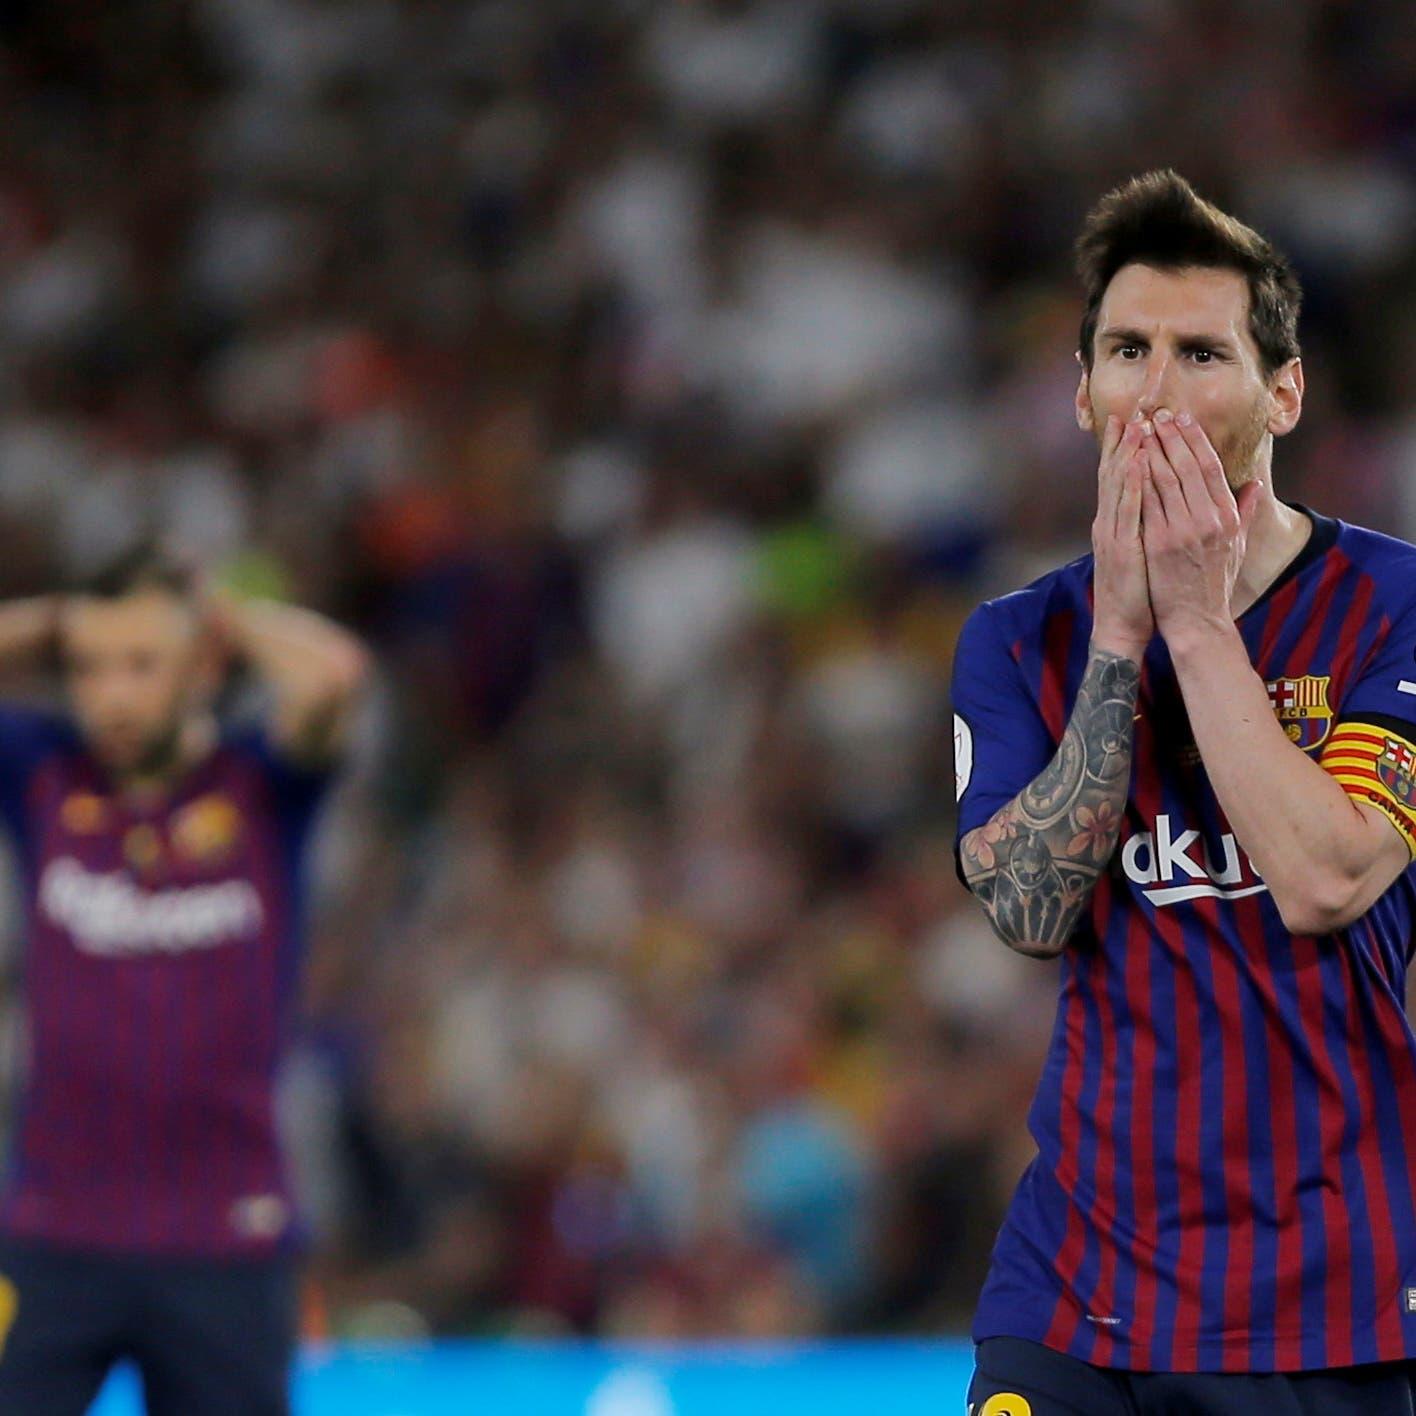 لماذا اضطر برشلونة للتخلي عن ميسي؟